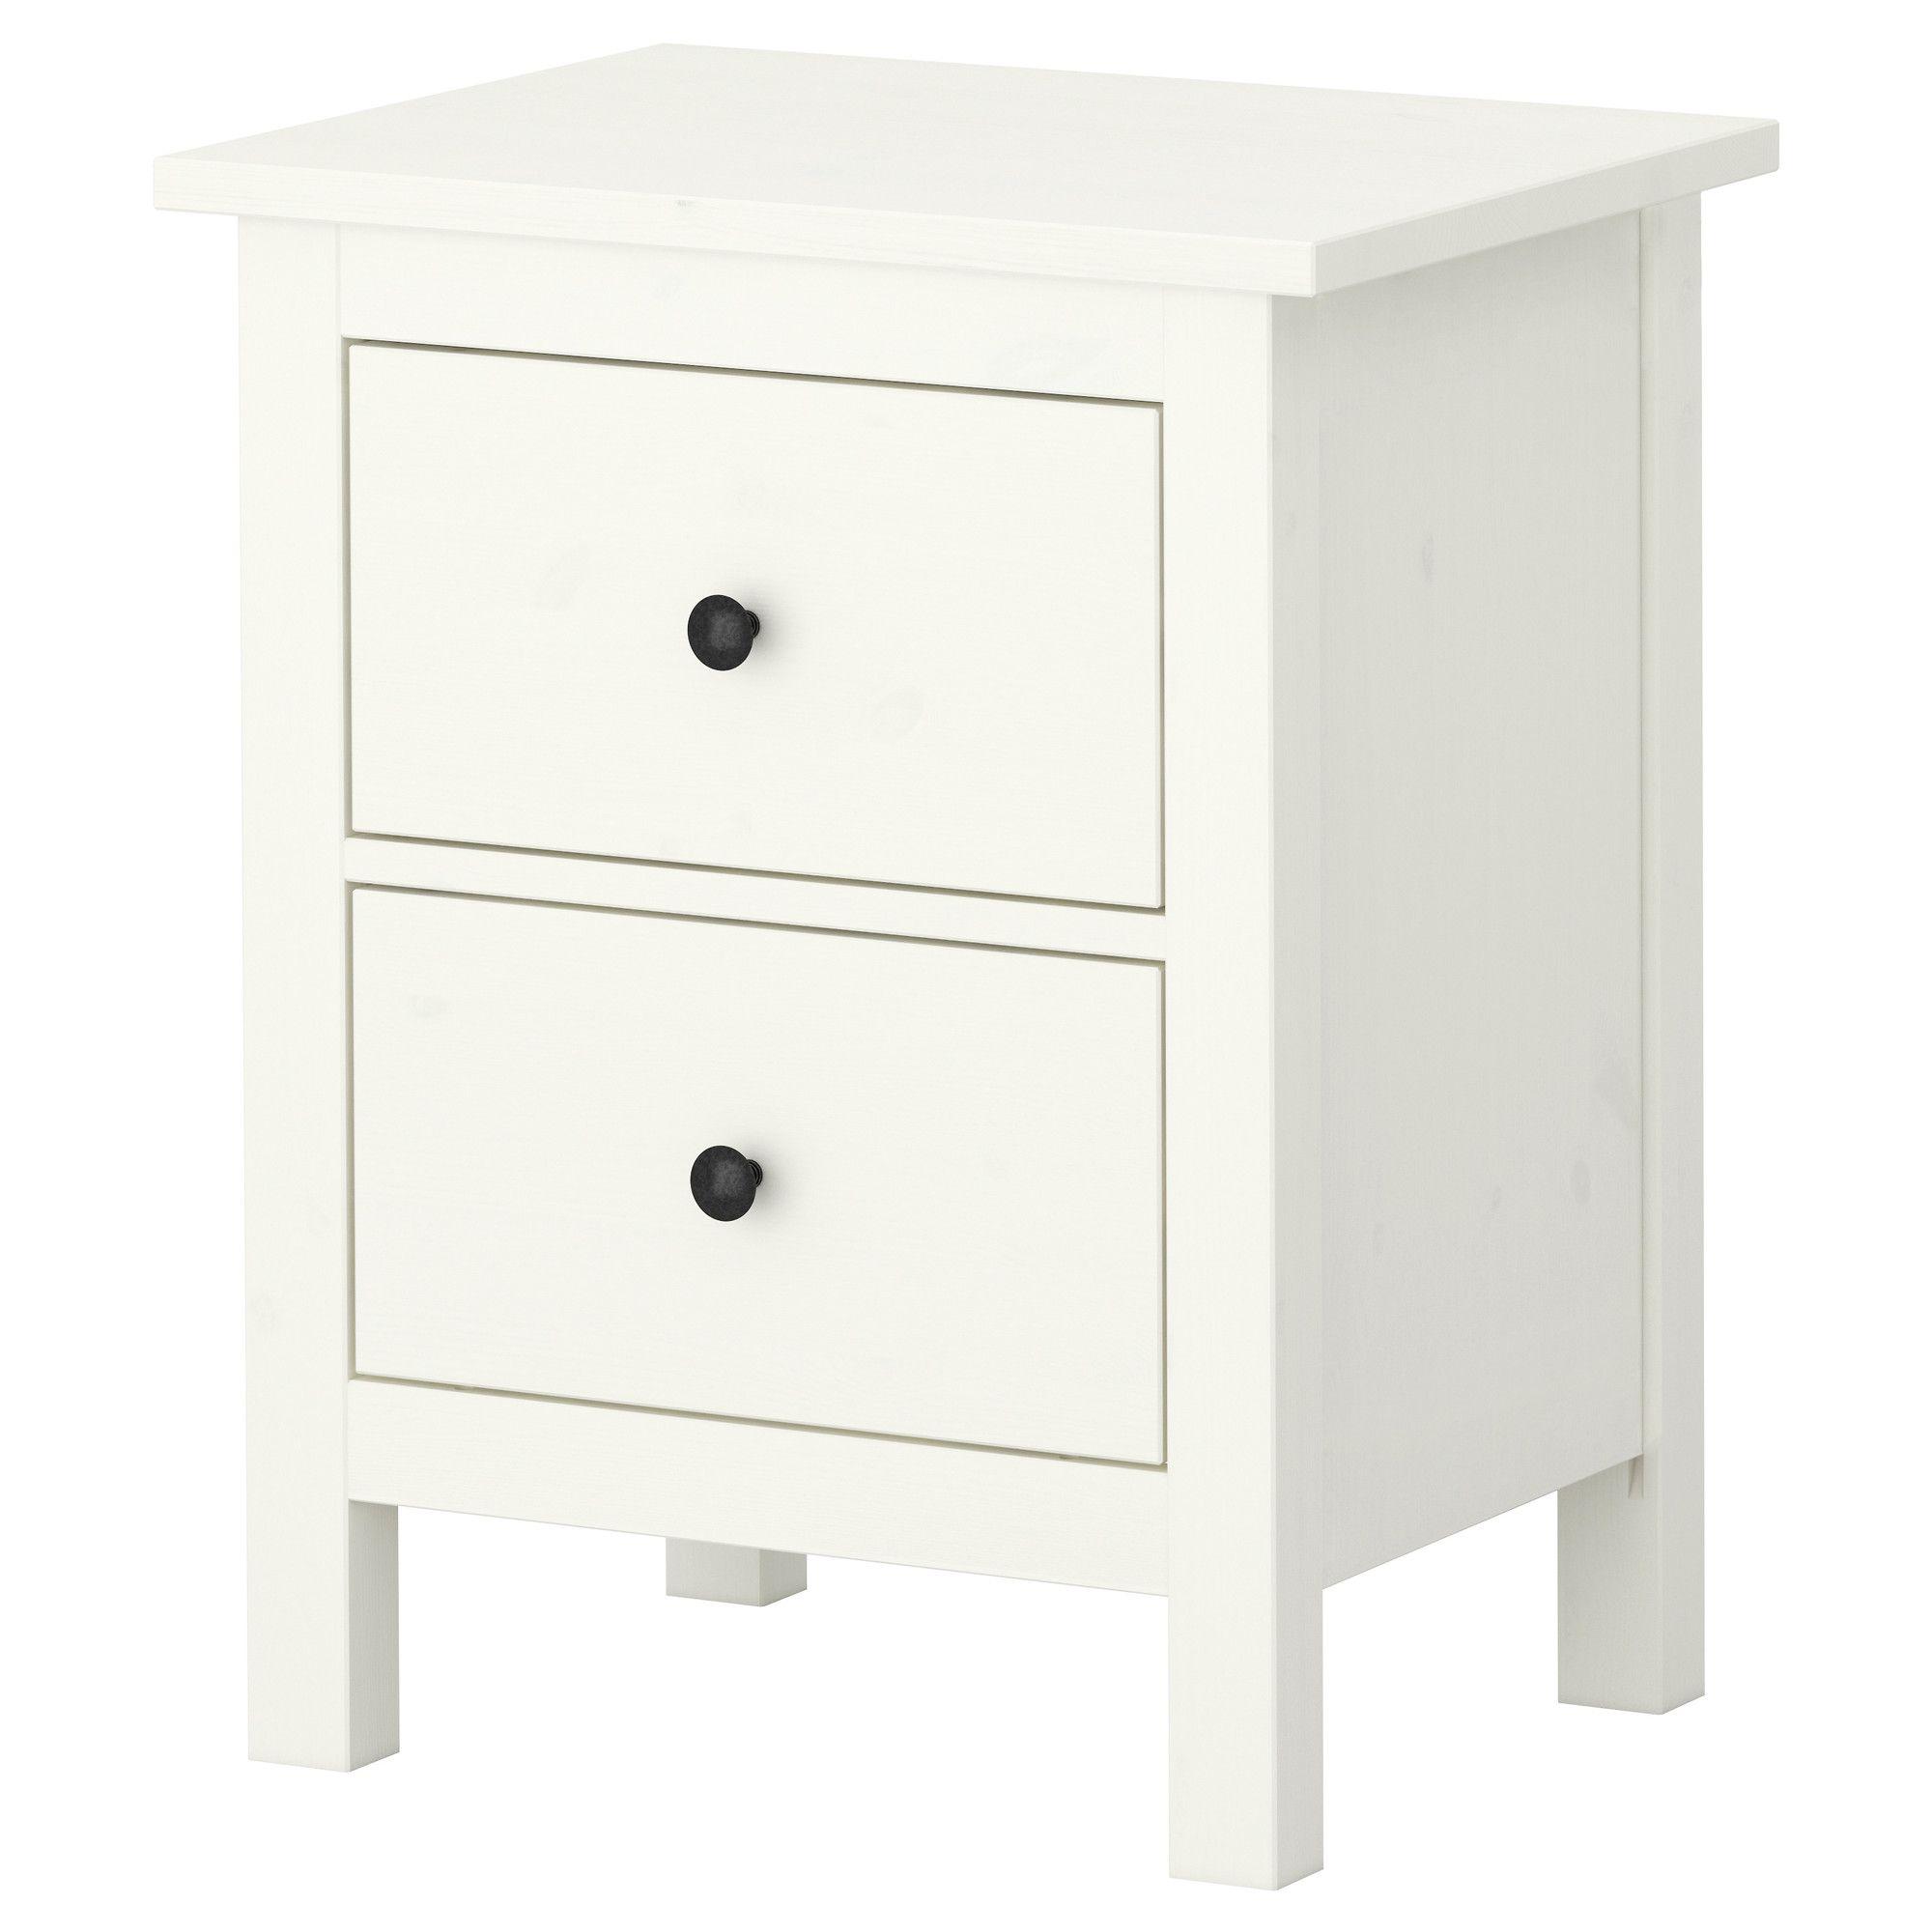 HEMNES Kommode med 2 skuffer - hvit beis, 54x66 cm - IKEA